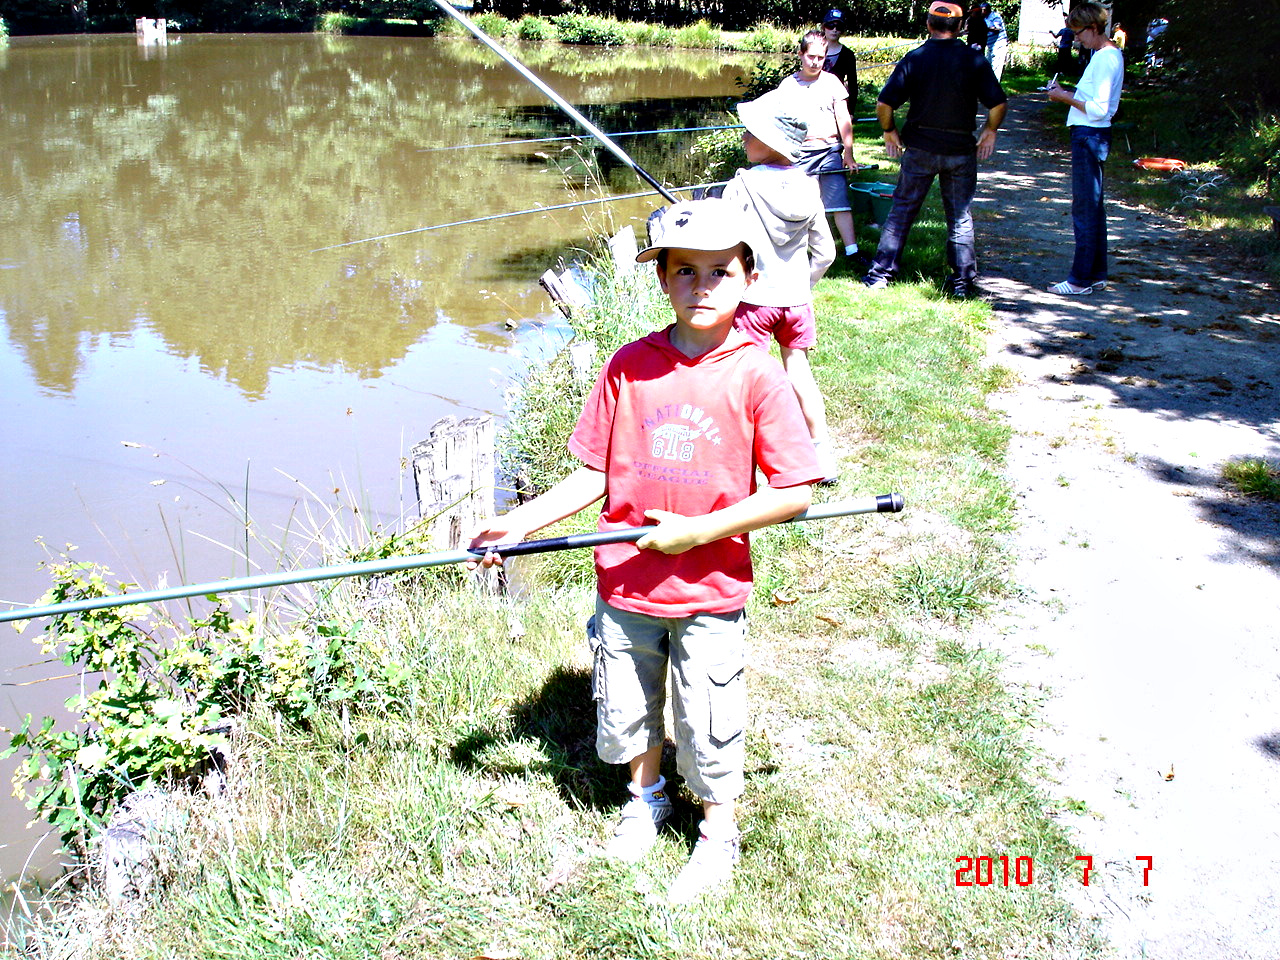 Cours de Pêche à l'Etang Communal de Cardroc